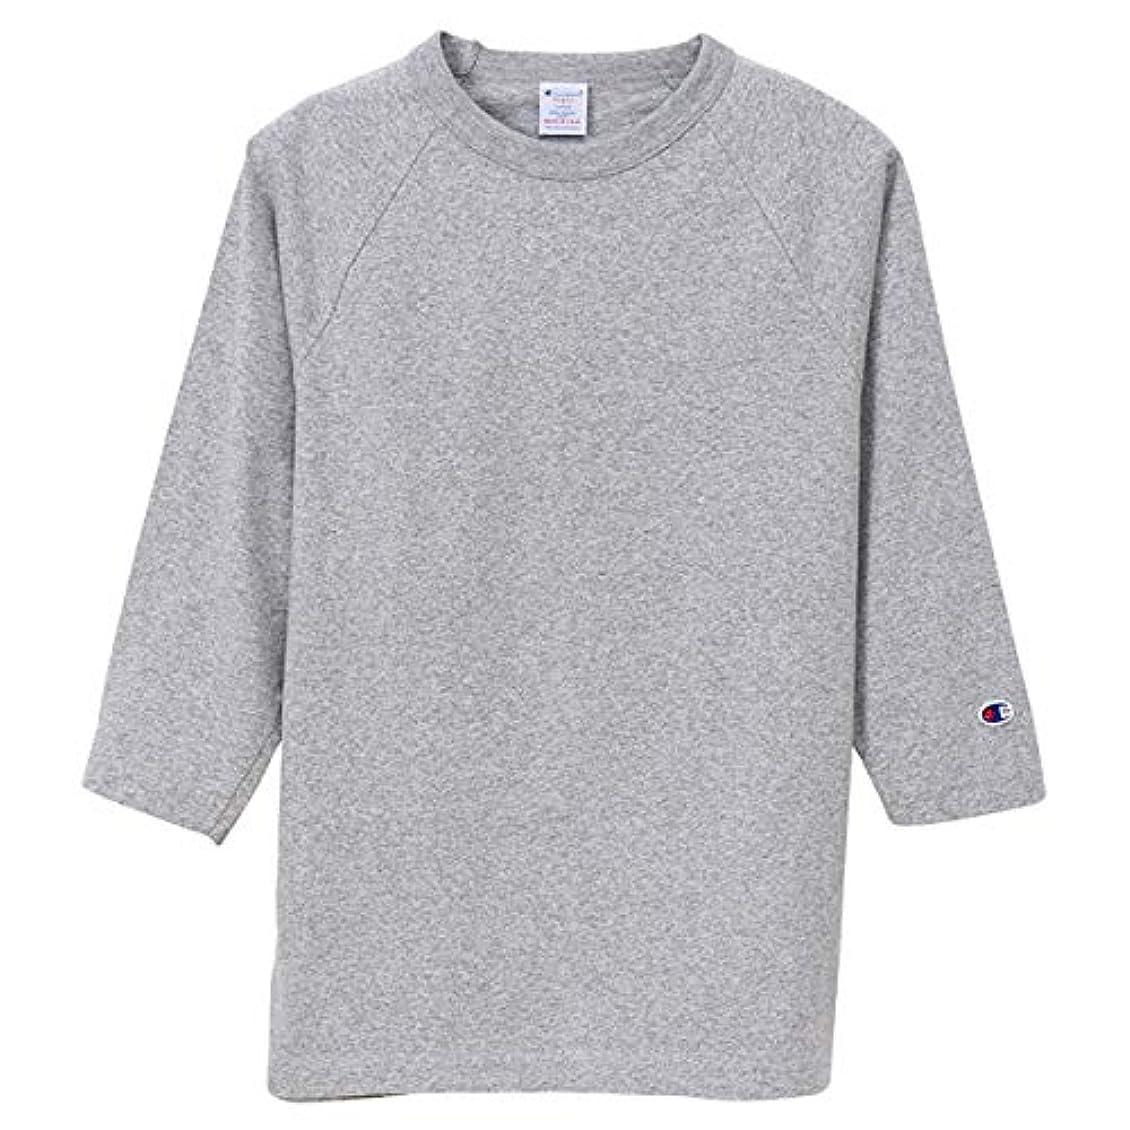 文庫本忘れるどのくらいの頻度でチャンピオン Tシャツ 7分袖 メンズ CHAMPION T1011 ラグラン3/4スリーブ 19SS MADE IN USA オックスフォードグレー